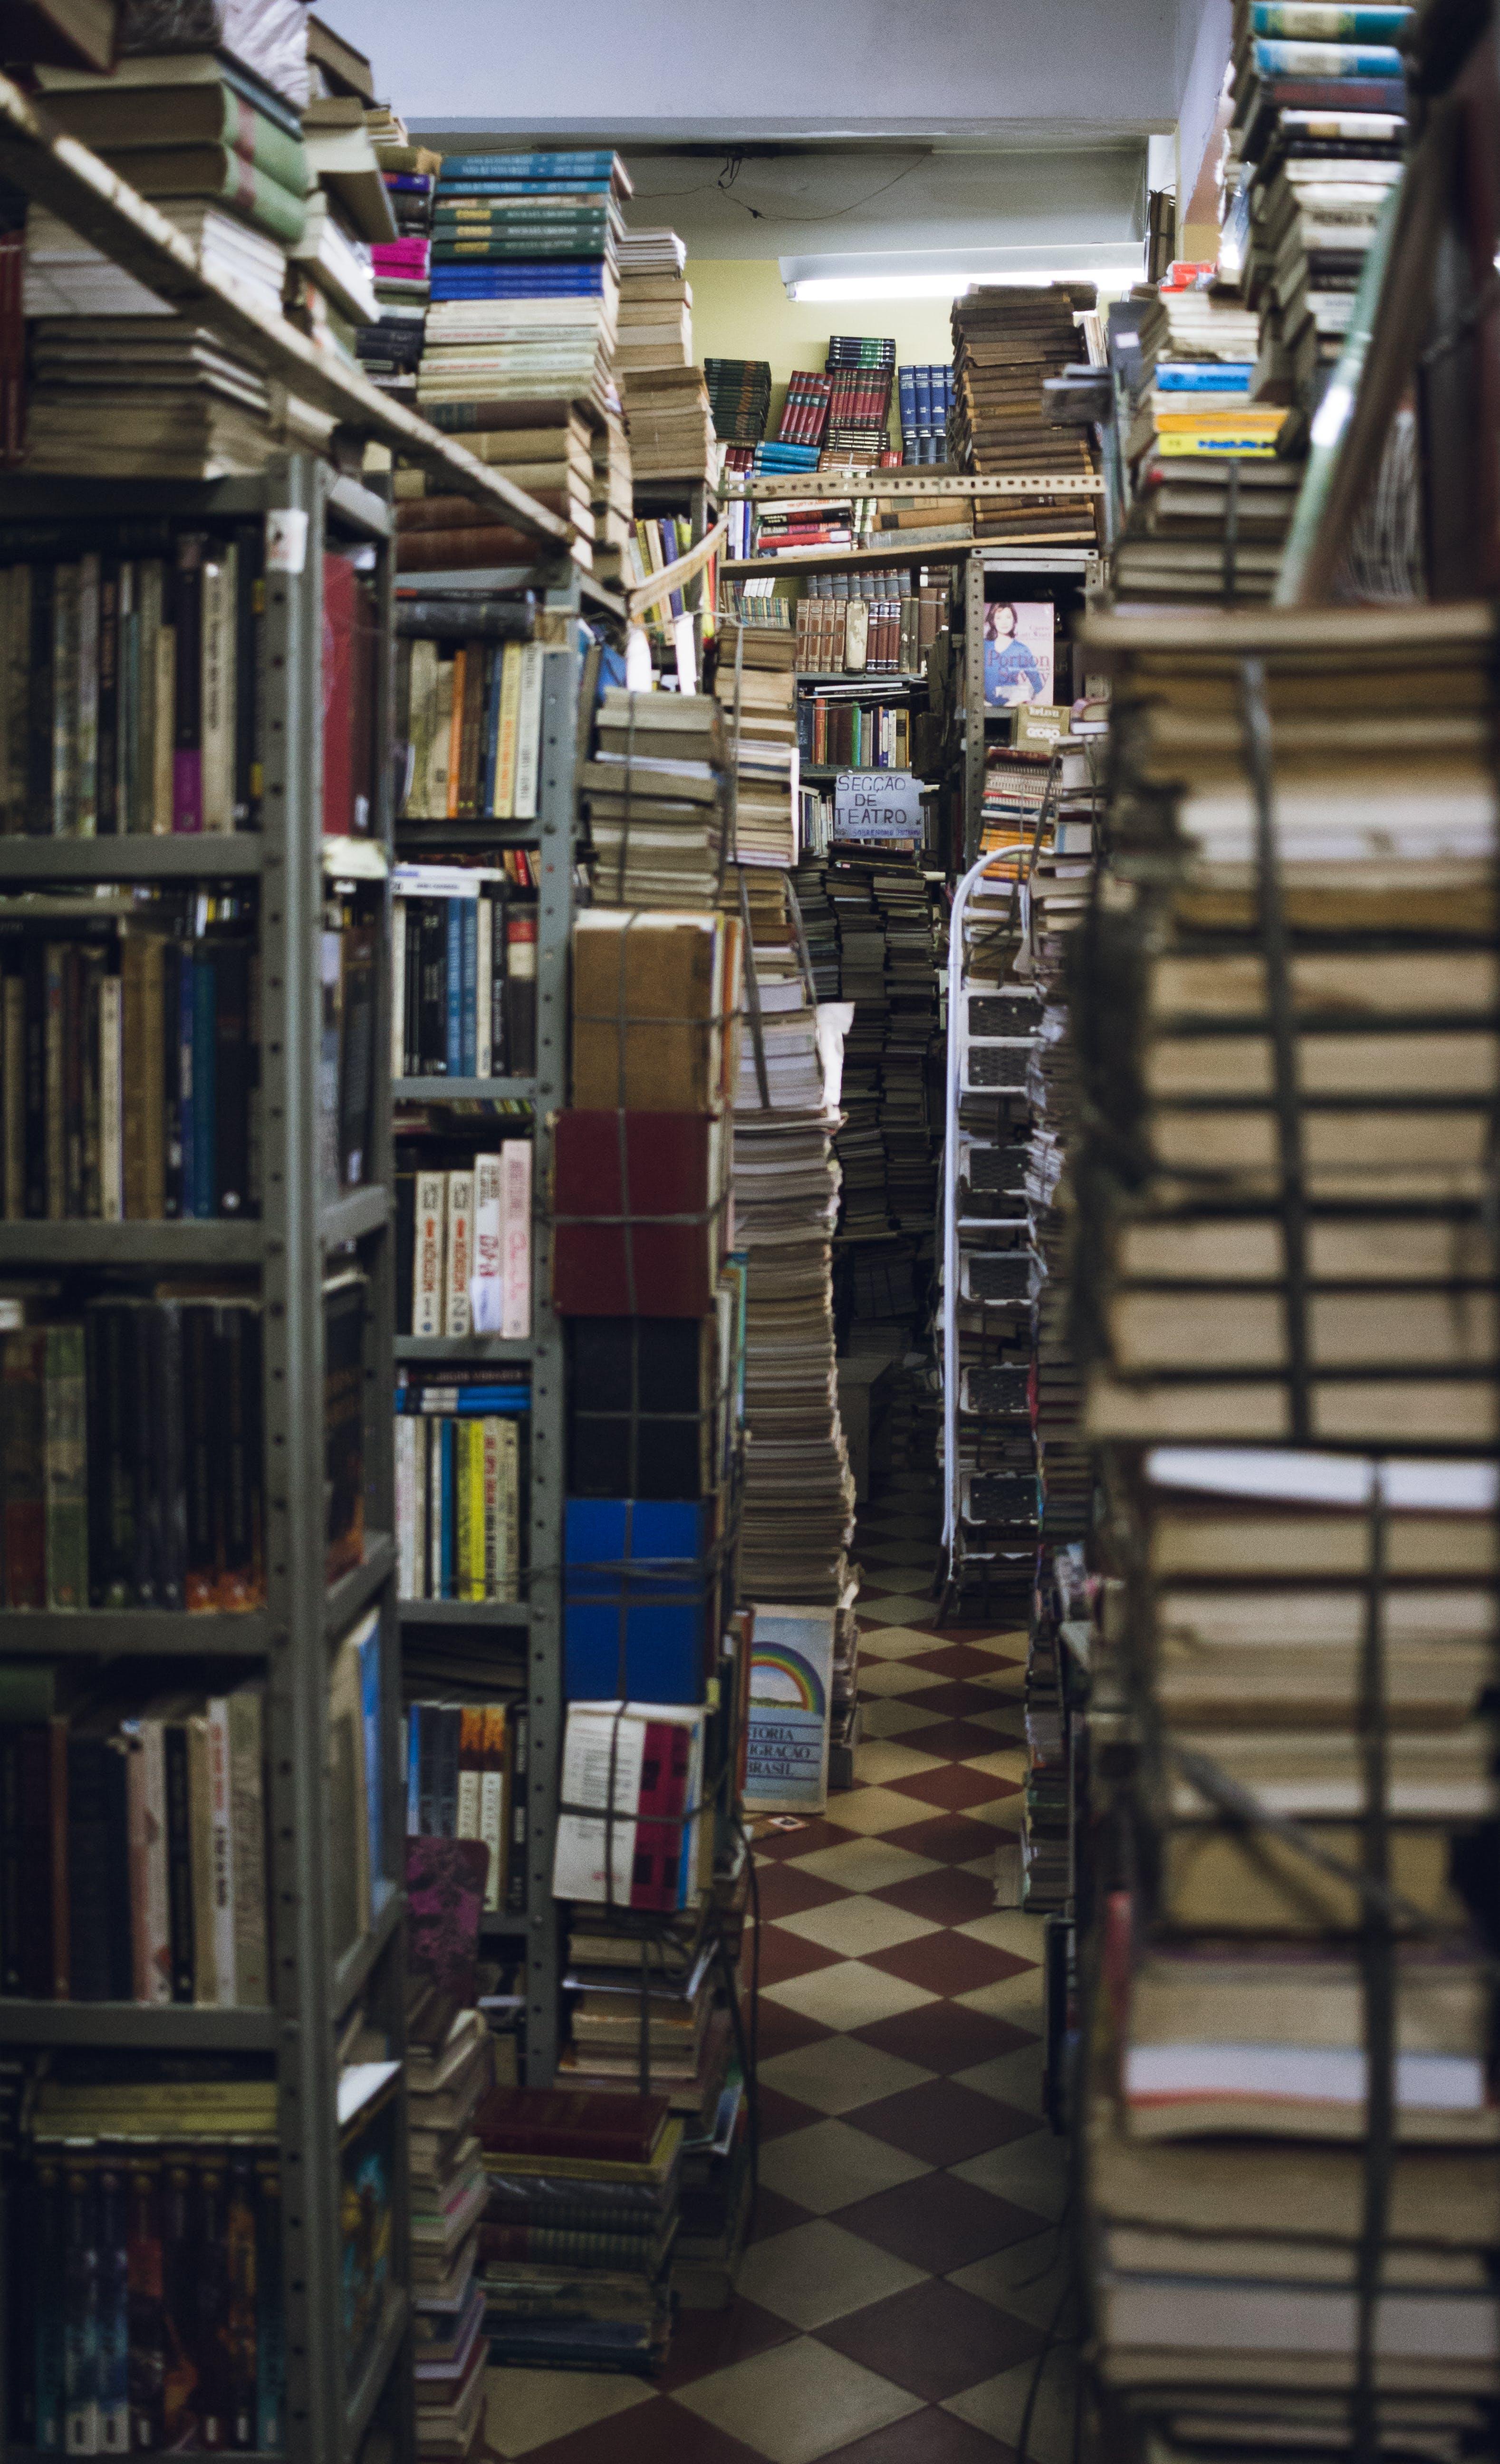 Fotos de stock gratuitas de acción, adentro, almacenamiento, biblioteca